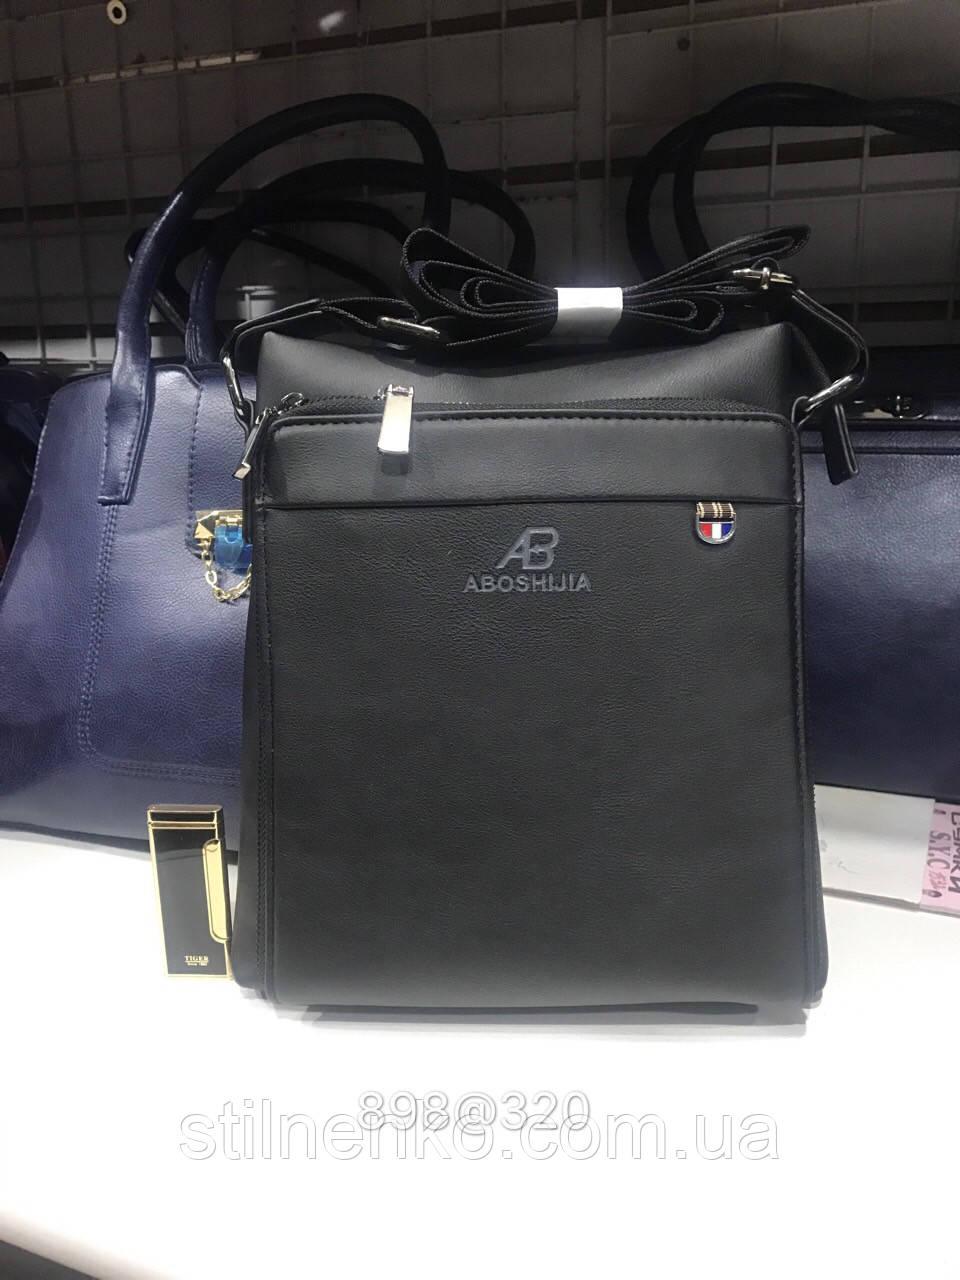 Мужская сумка АВ